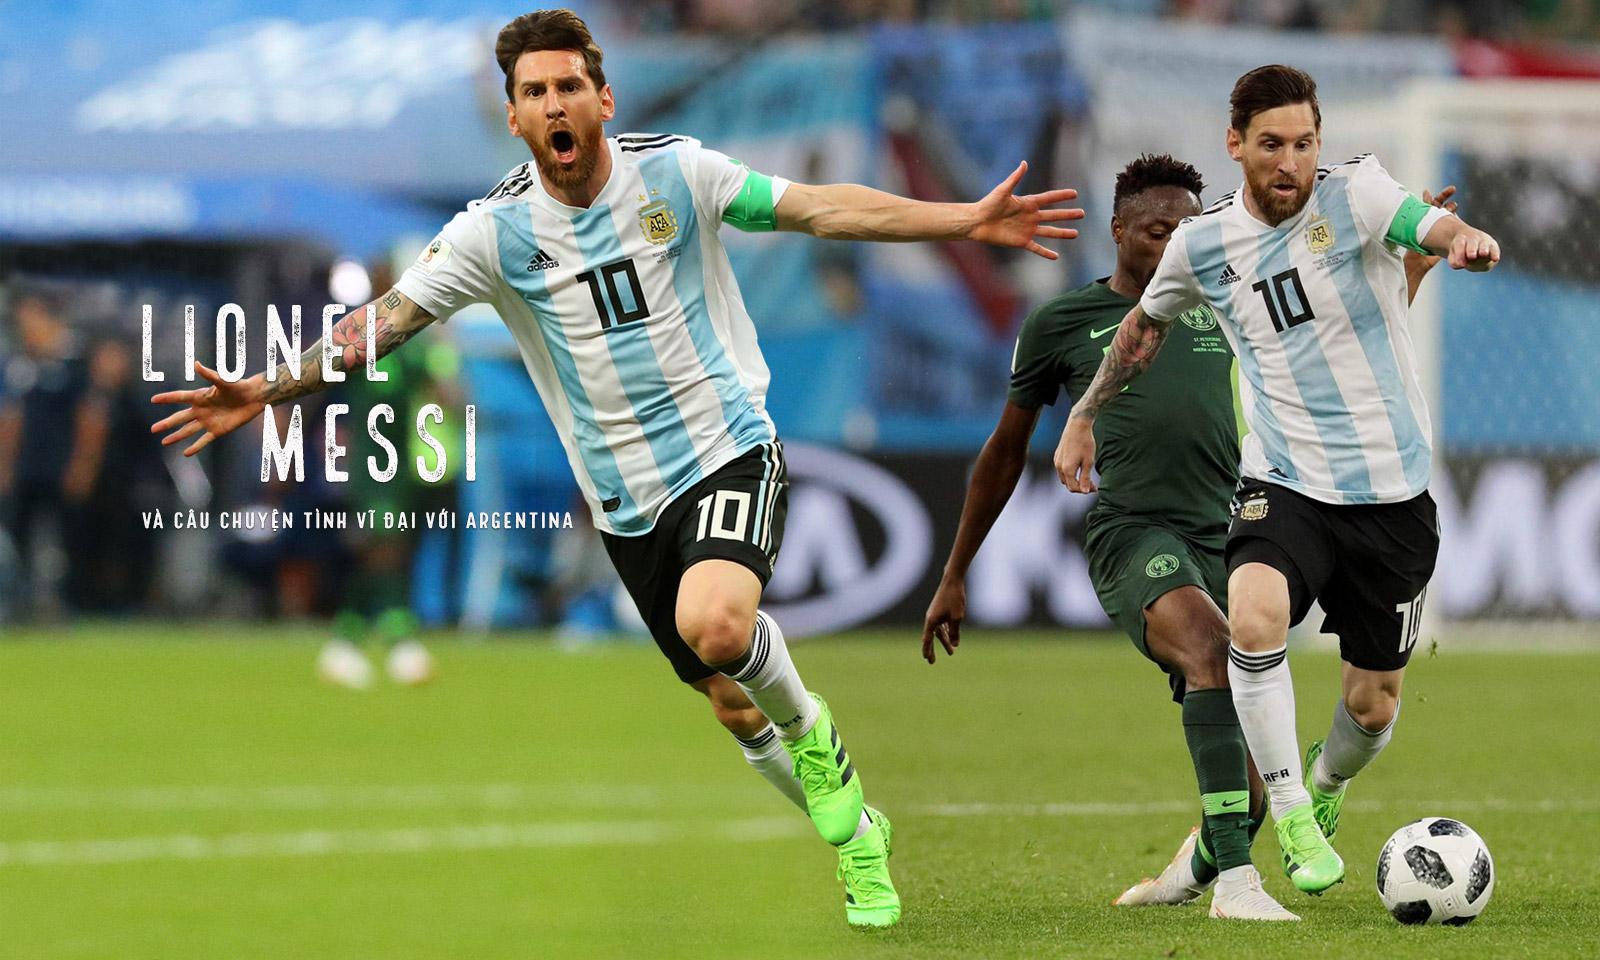 Lionel Messi và câu chuyện tình vĩ đại với Argentina